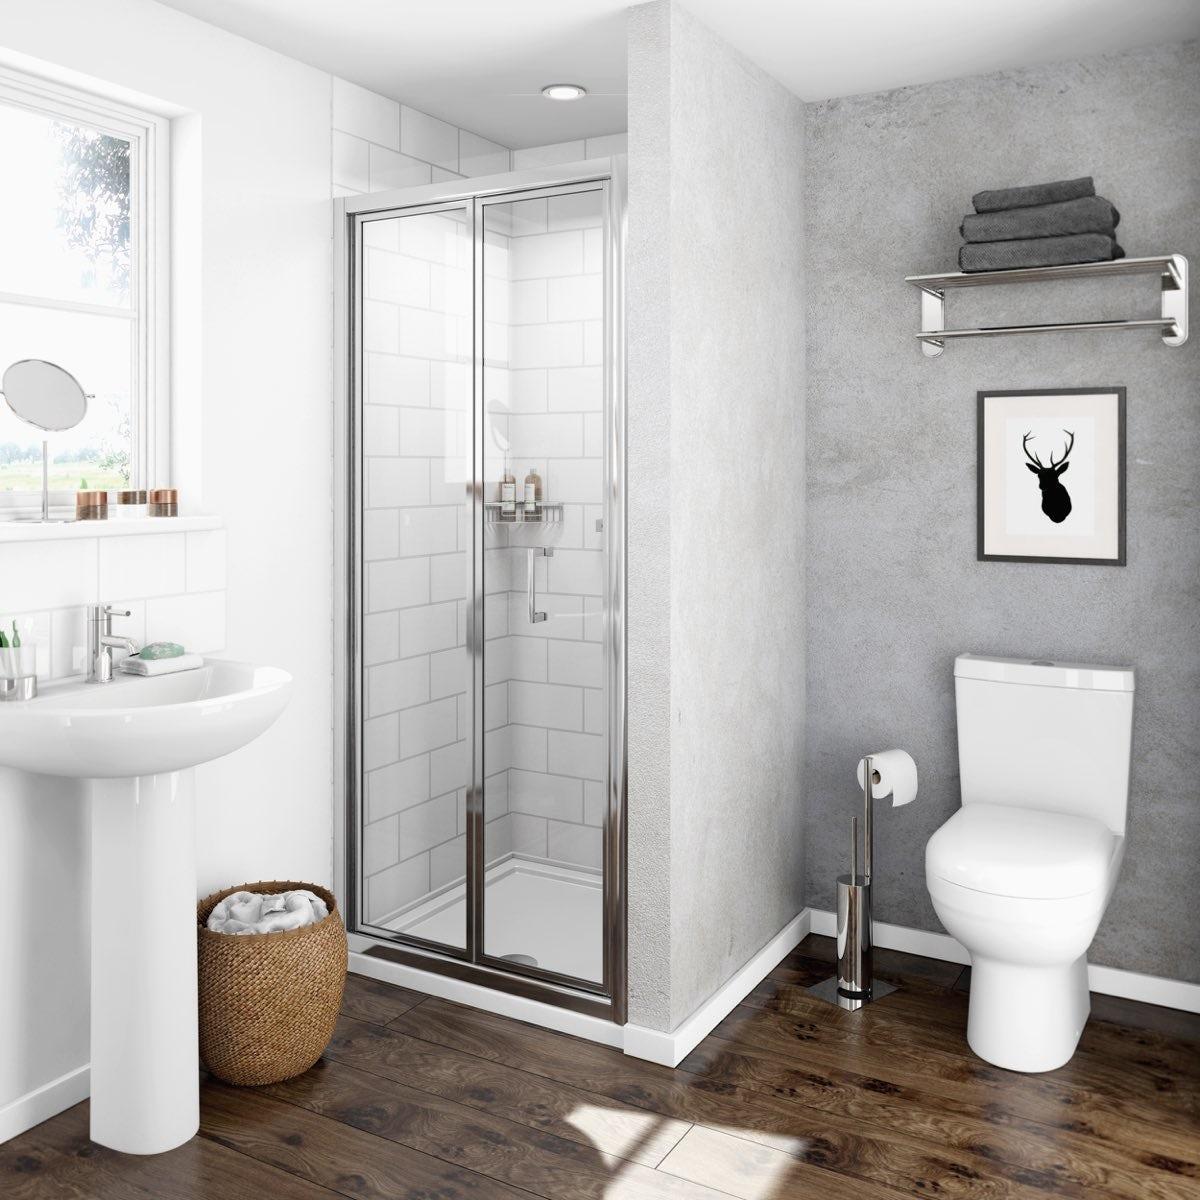 Clarity 4mm bifold shower door  VictoriaPlumcom